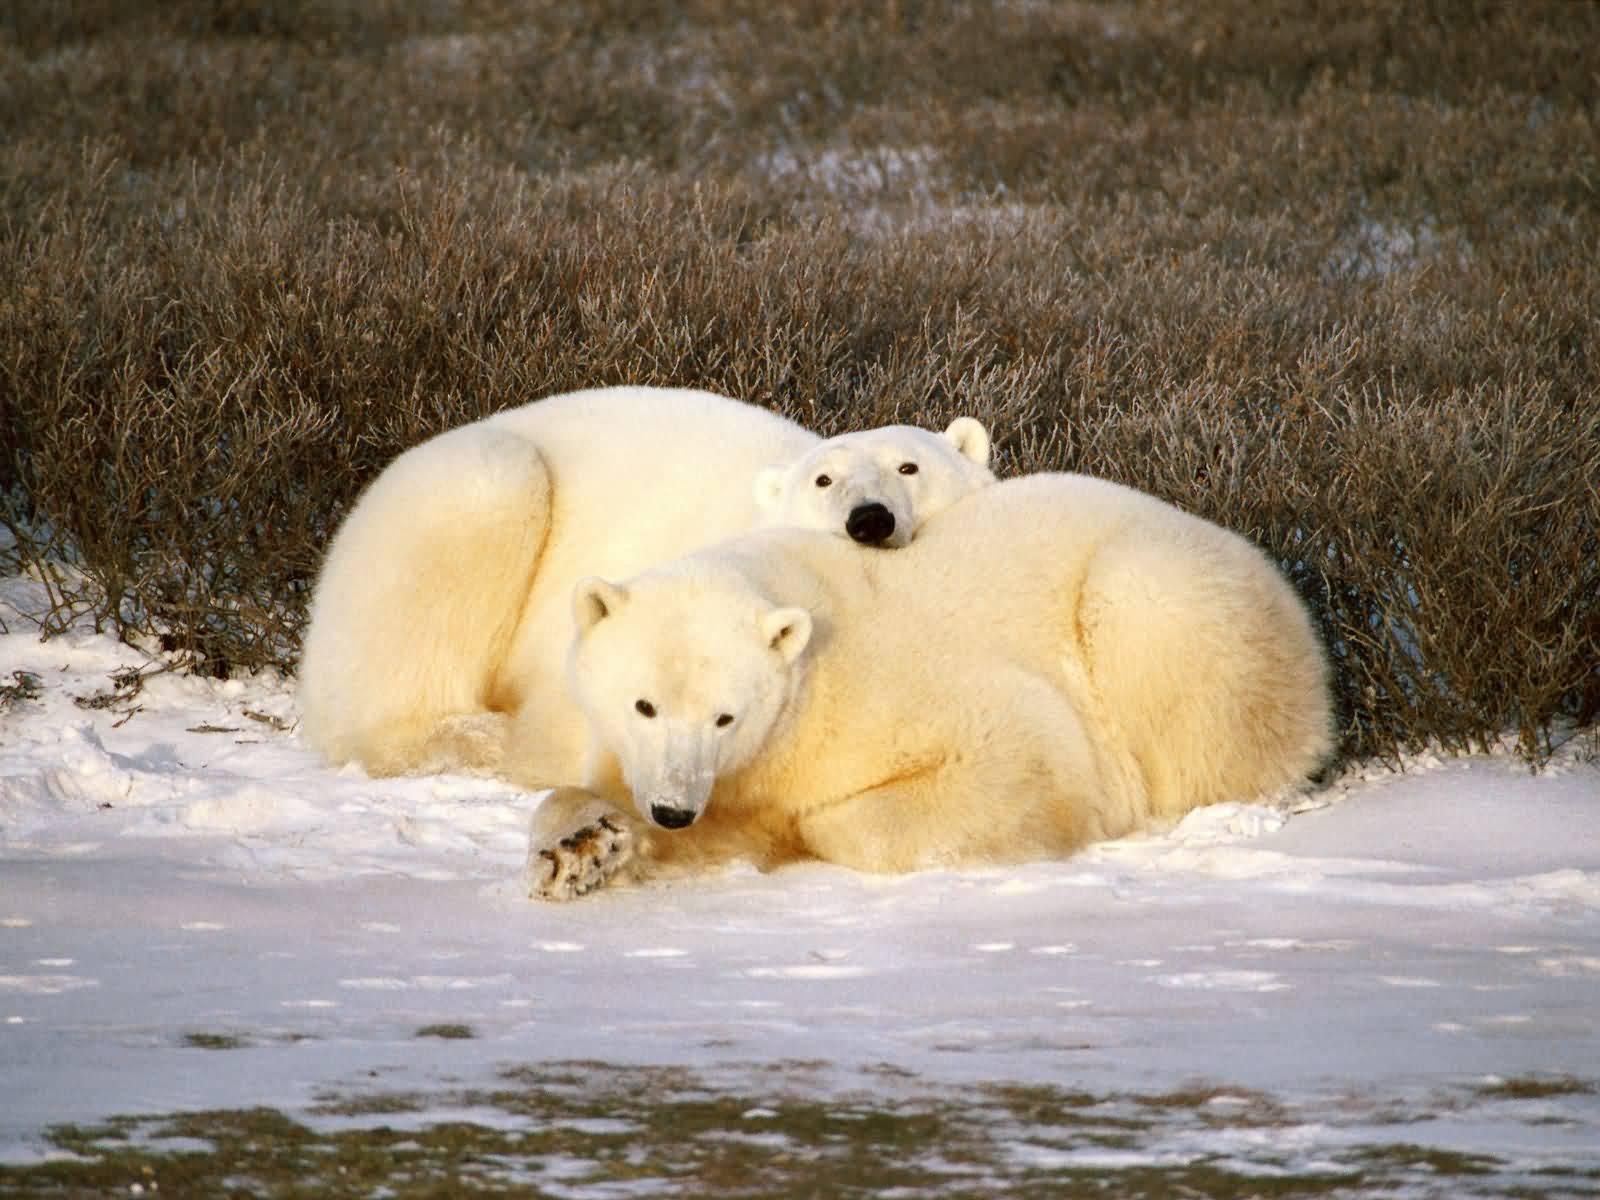 Cuddle clipart polar bear Bear Polar Cuddle Bear Pictures